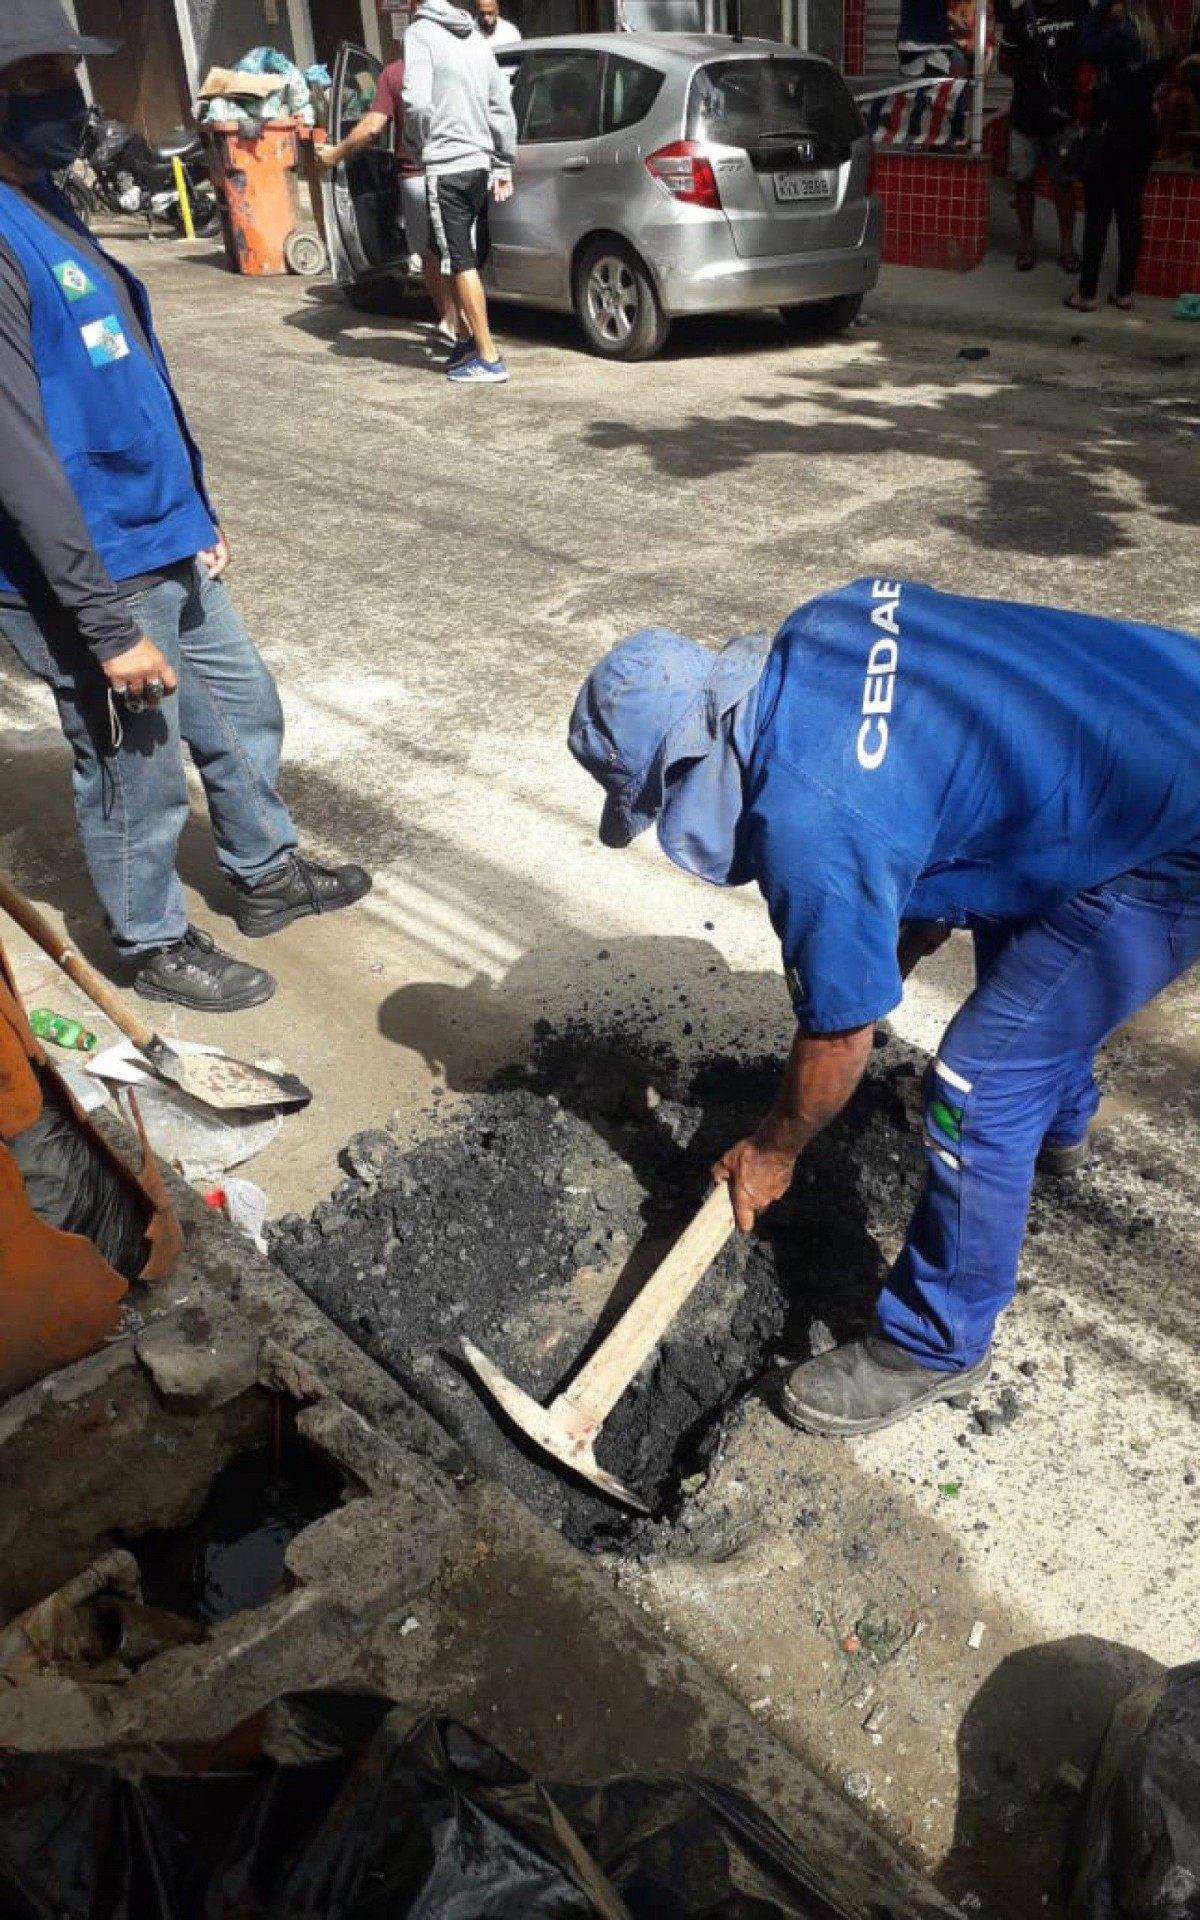 Cedae desfaz 15 ligações clandestinas em bairros da Zona Norte e Oeste |  Rio de Janeiro | O Dia